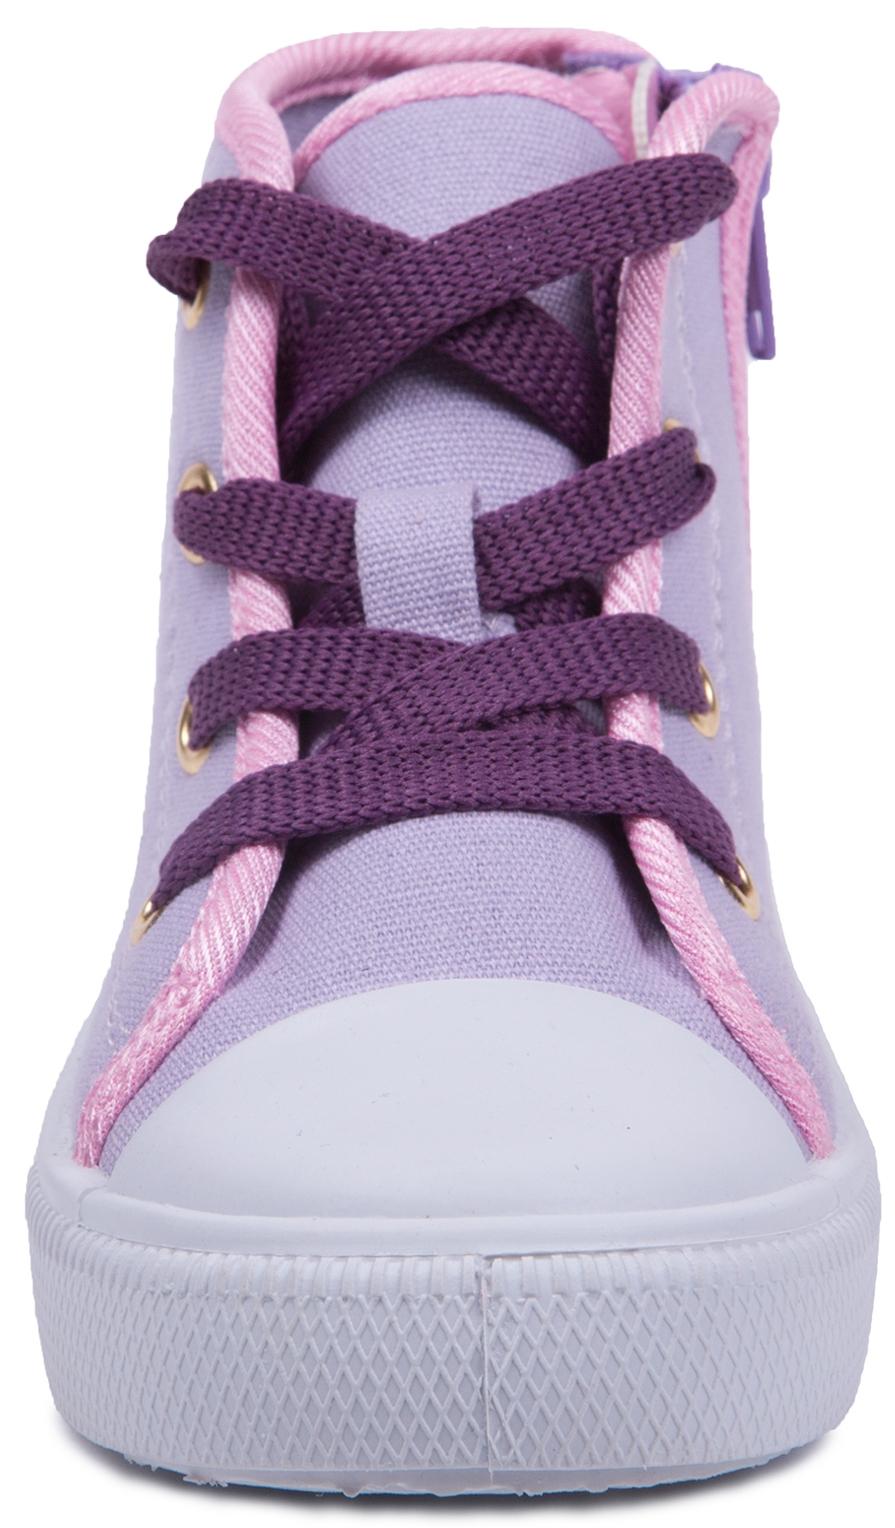 Кроссовки и кеды SOFIA THE FIRST Ботинки для девочки Sofiа The First, сиреневые пантолеты для девочки sofia the first голубые